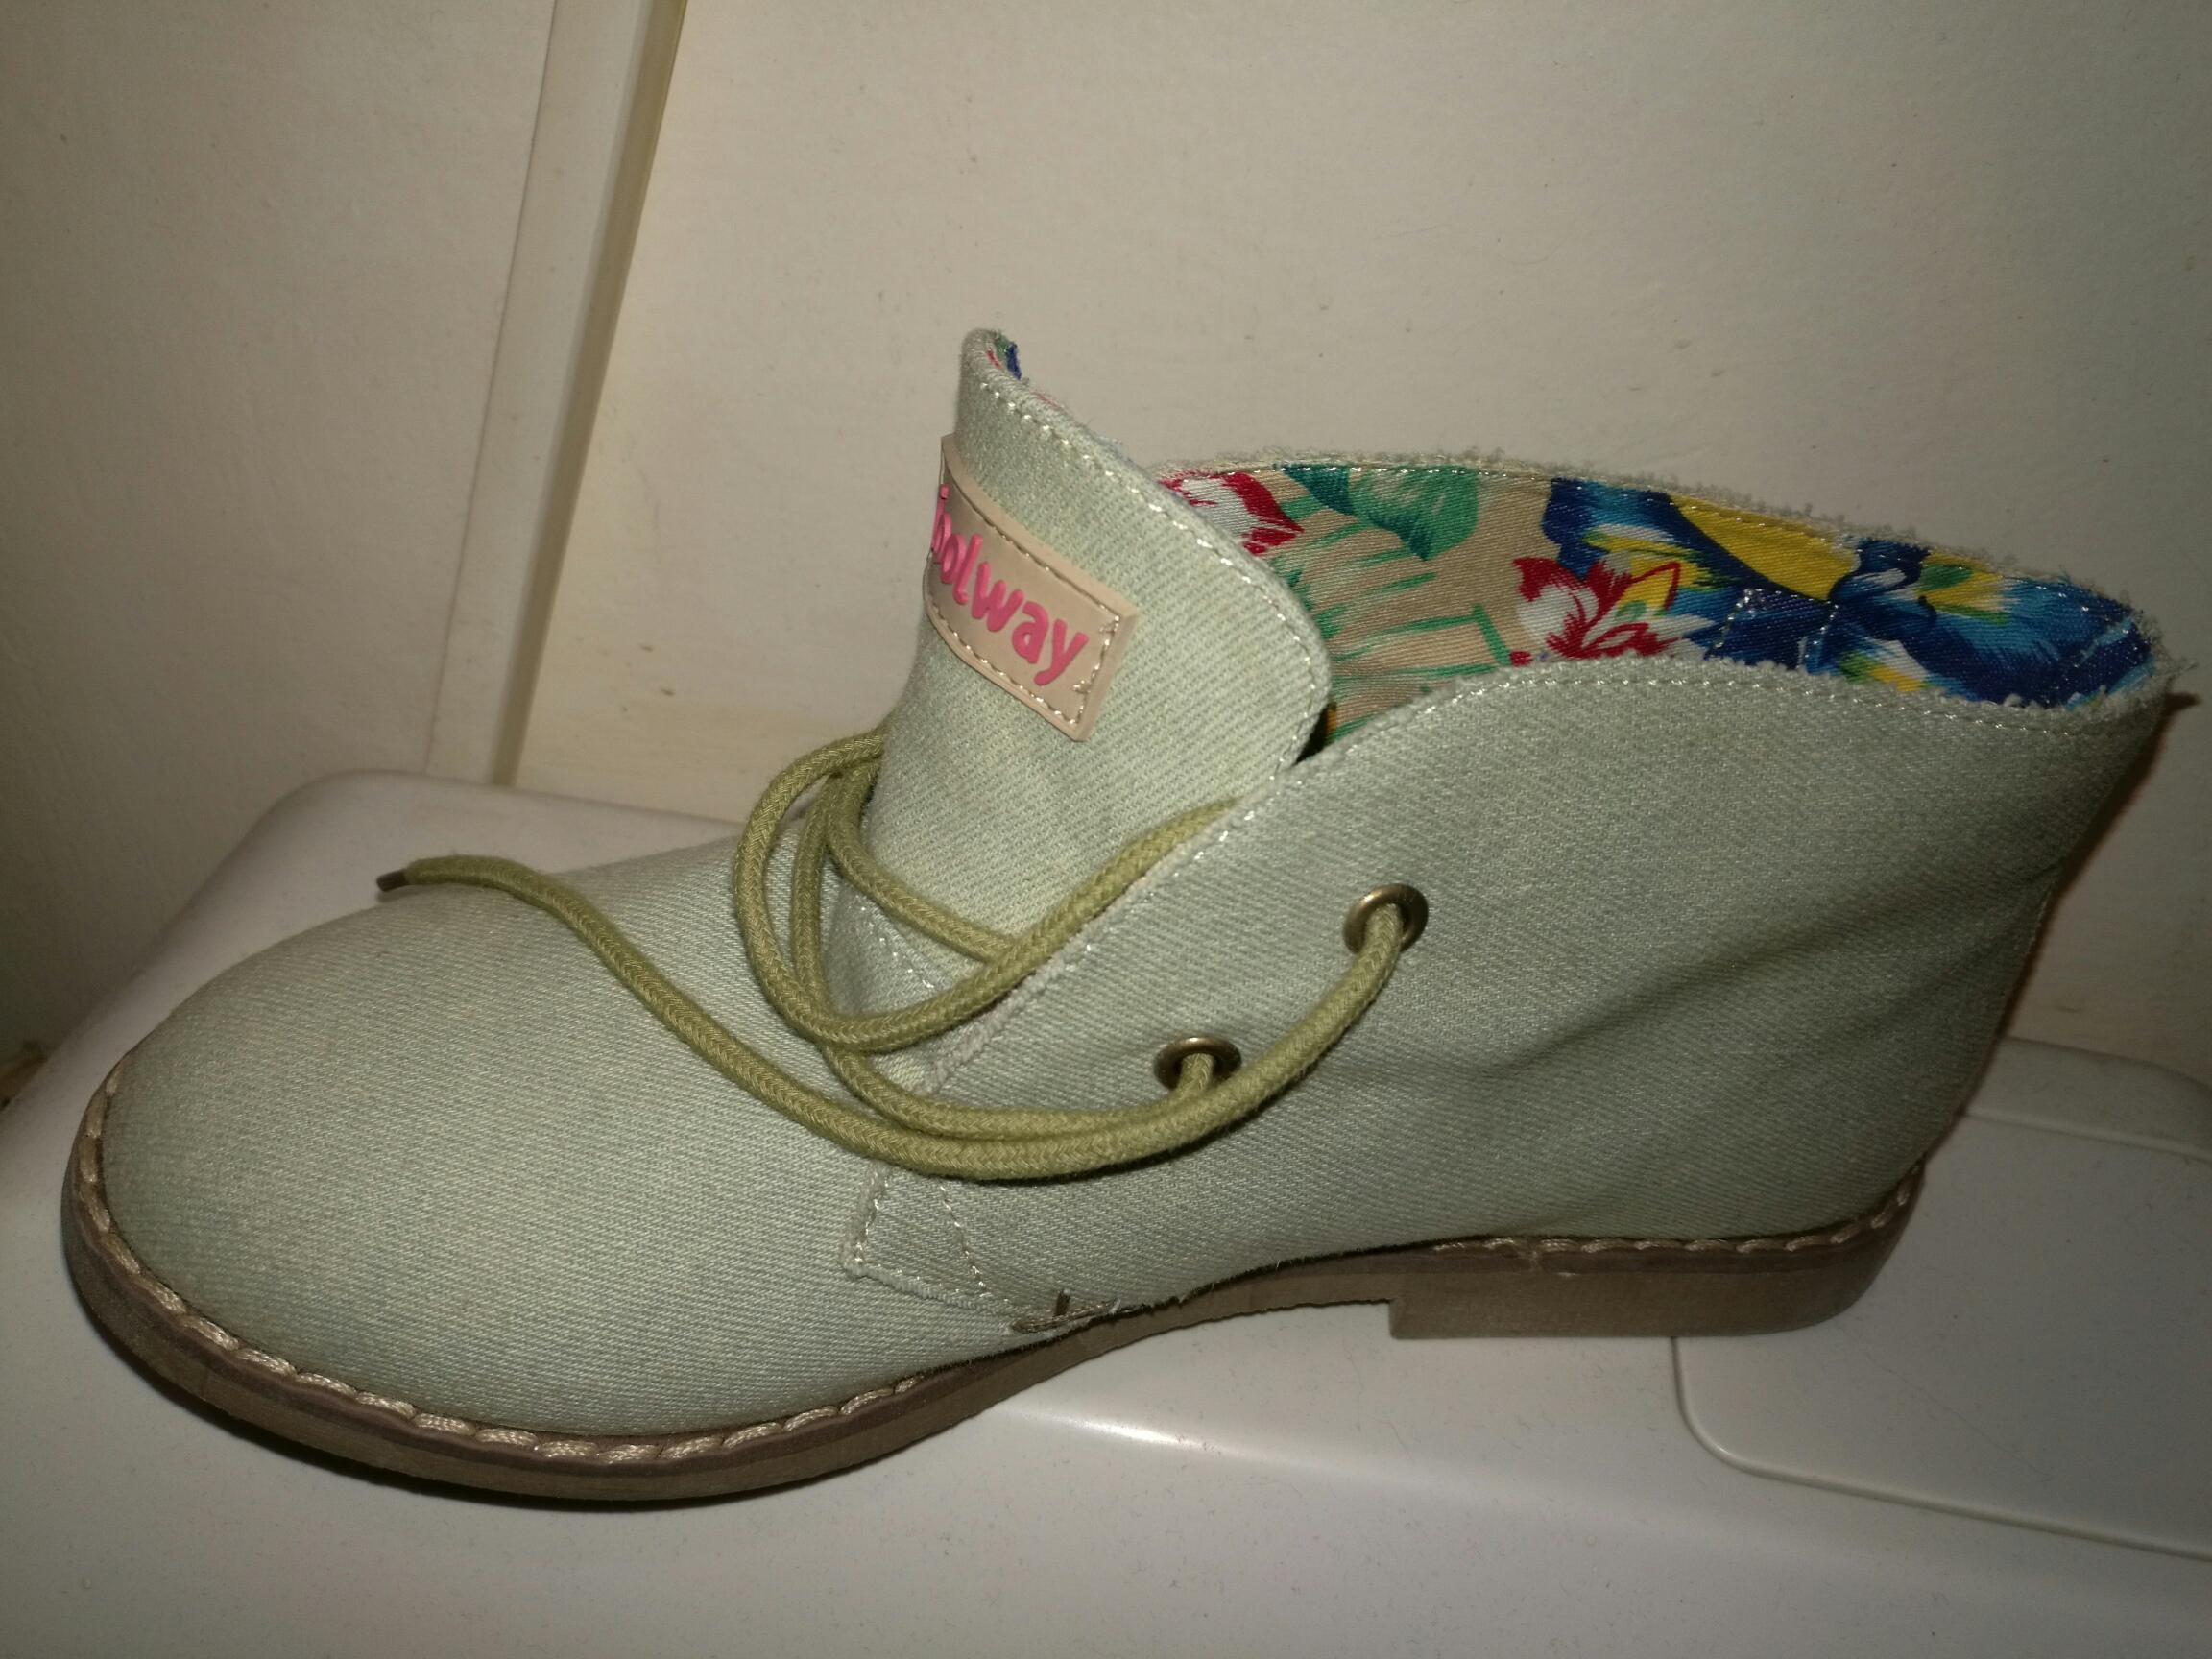 troc de troc chaussures en toile coolway image 0